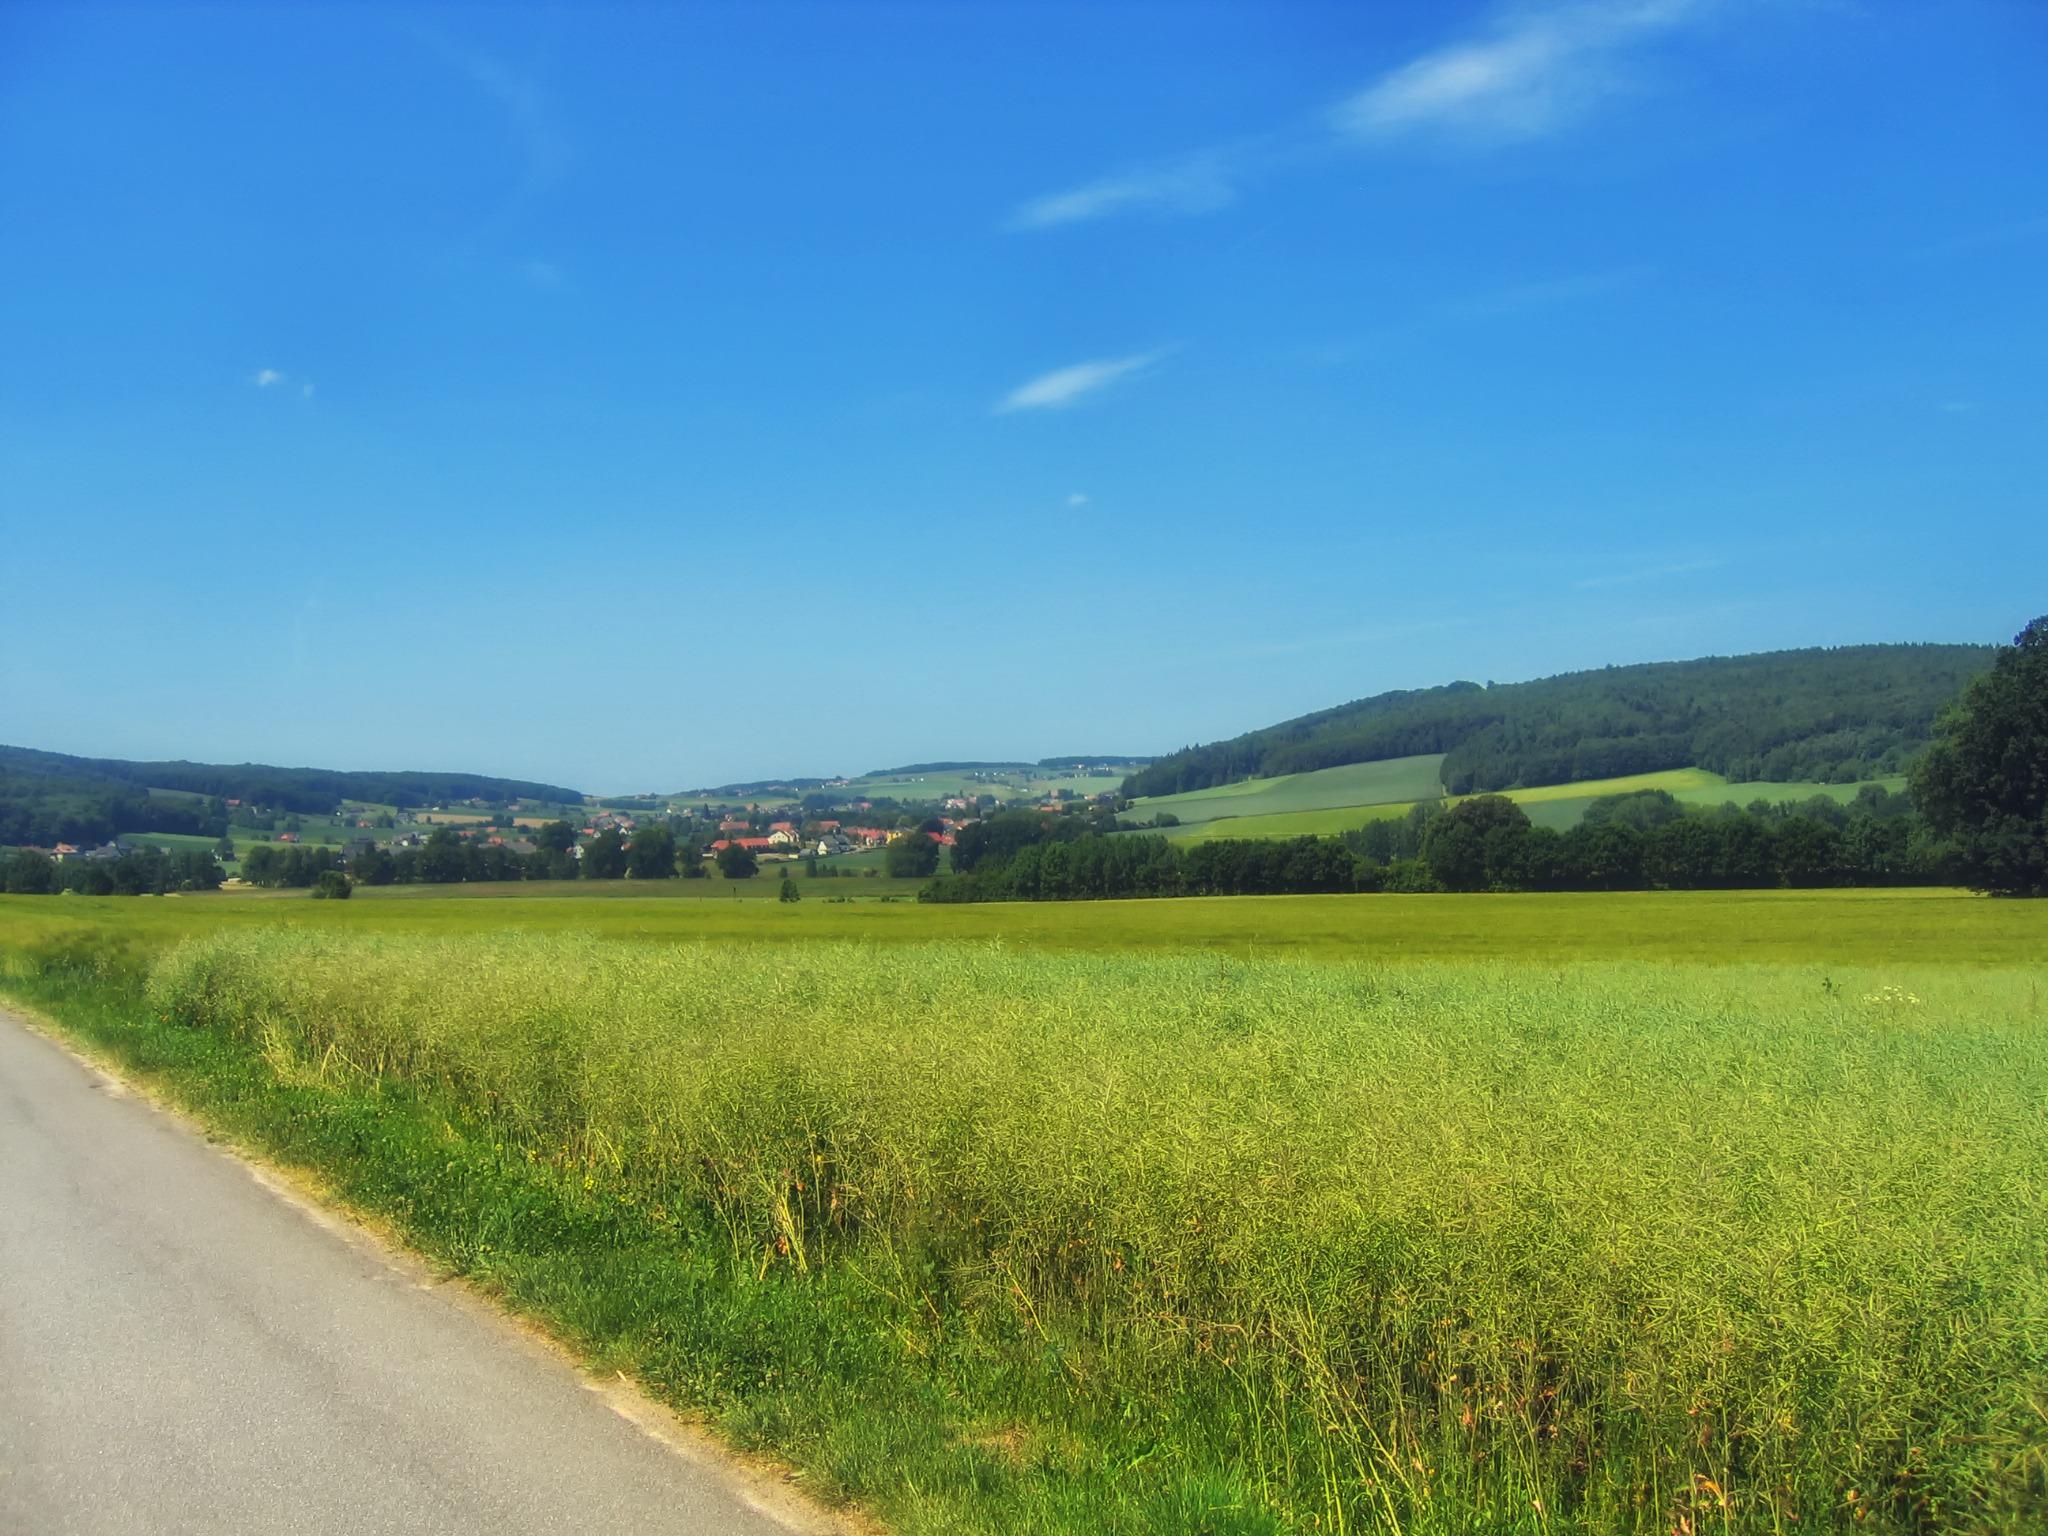 Gambar : pemandangan, horison, gunung, langit, jalan, bidang